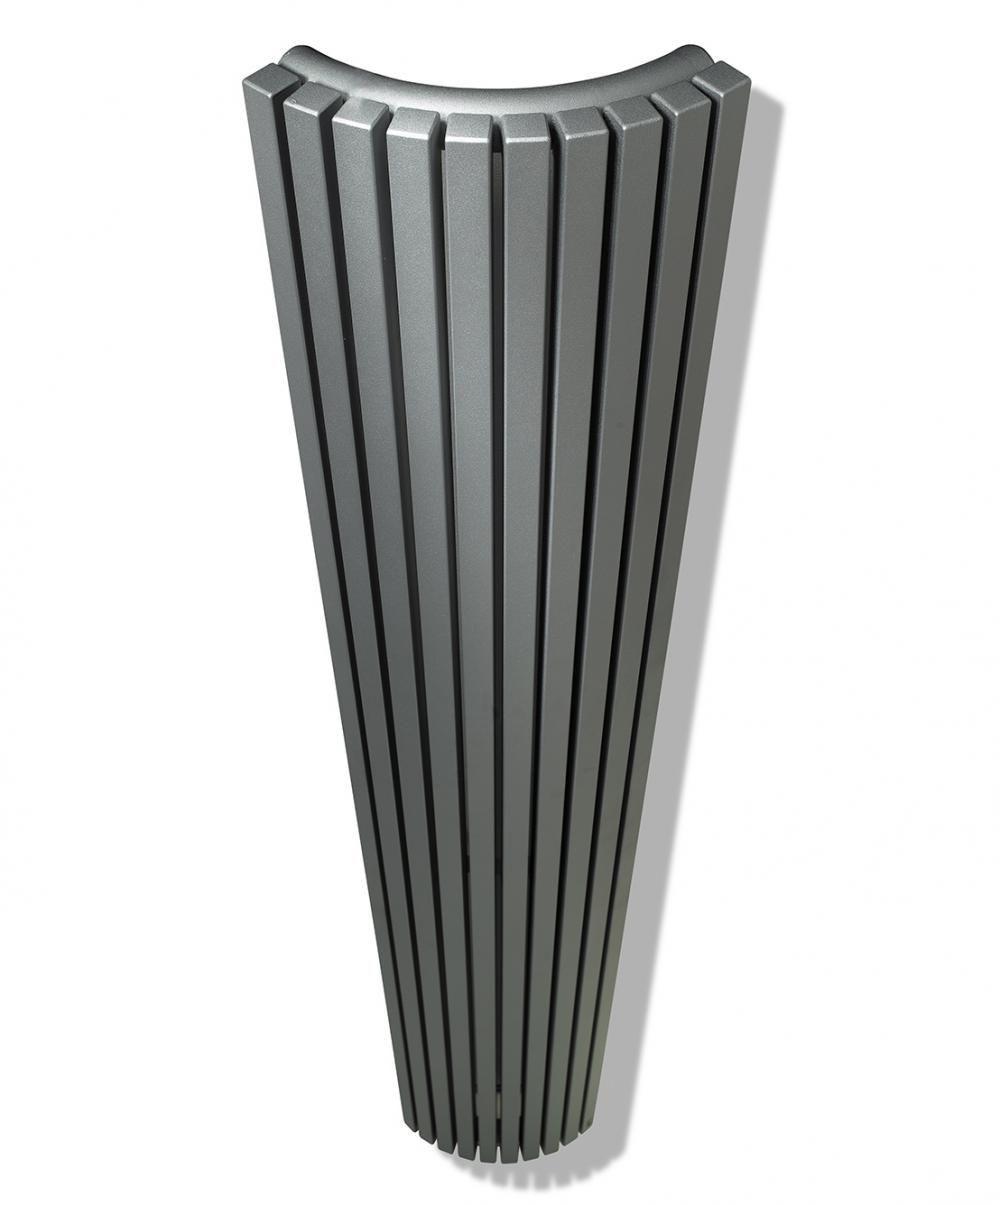 Calorifere decorative pentru colt Vasco Carre CR-A 2200x244 mm, 933 W